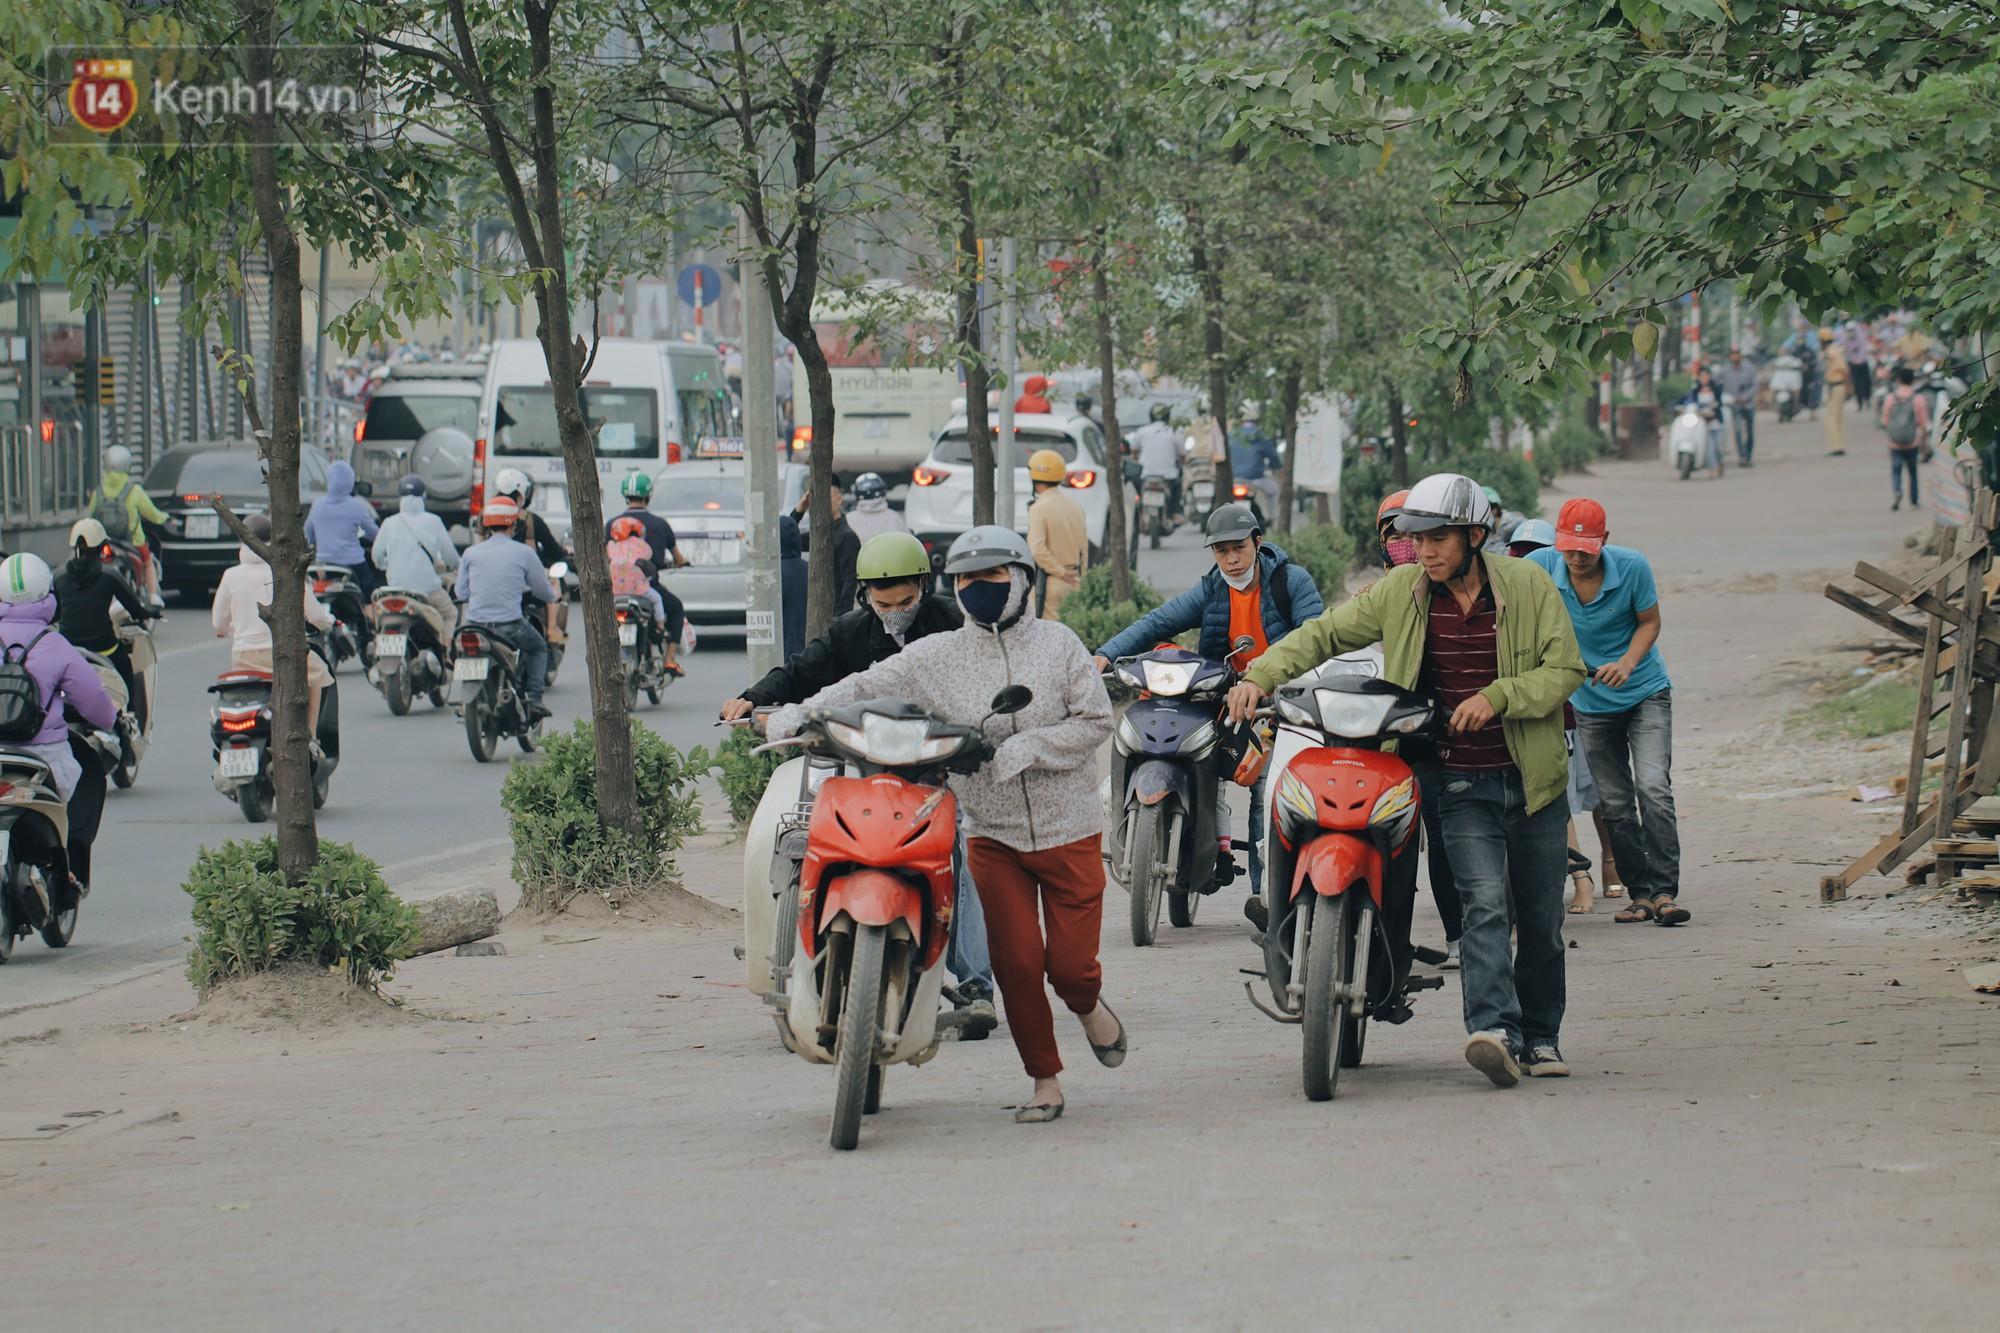 Hàng trăm người dắt xe máy ngược chiều trên vỉa hè: Dù biết là sai và đẩy như vậy mệt lắm nhưng cực chẳng đã... - Ảnh 6.